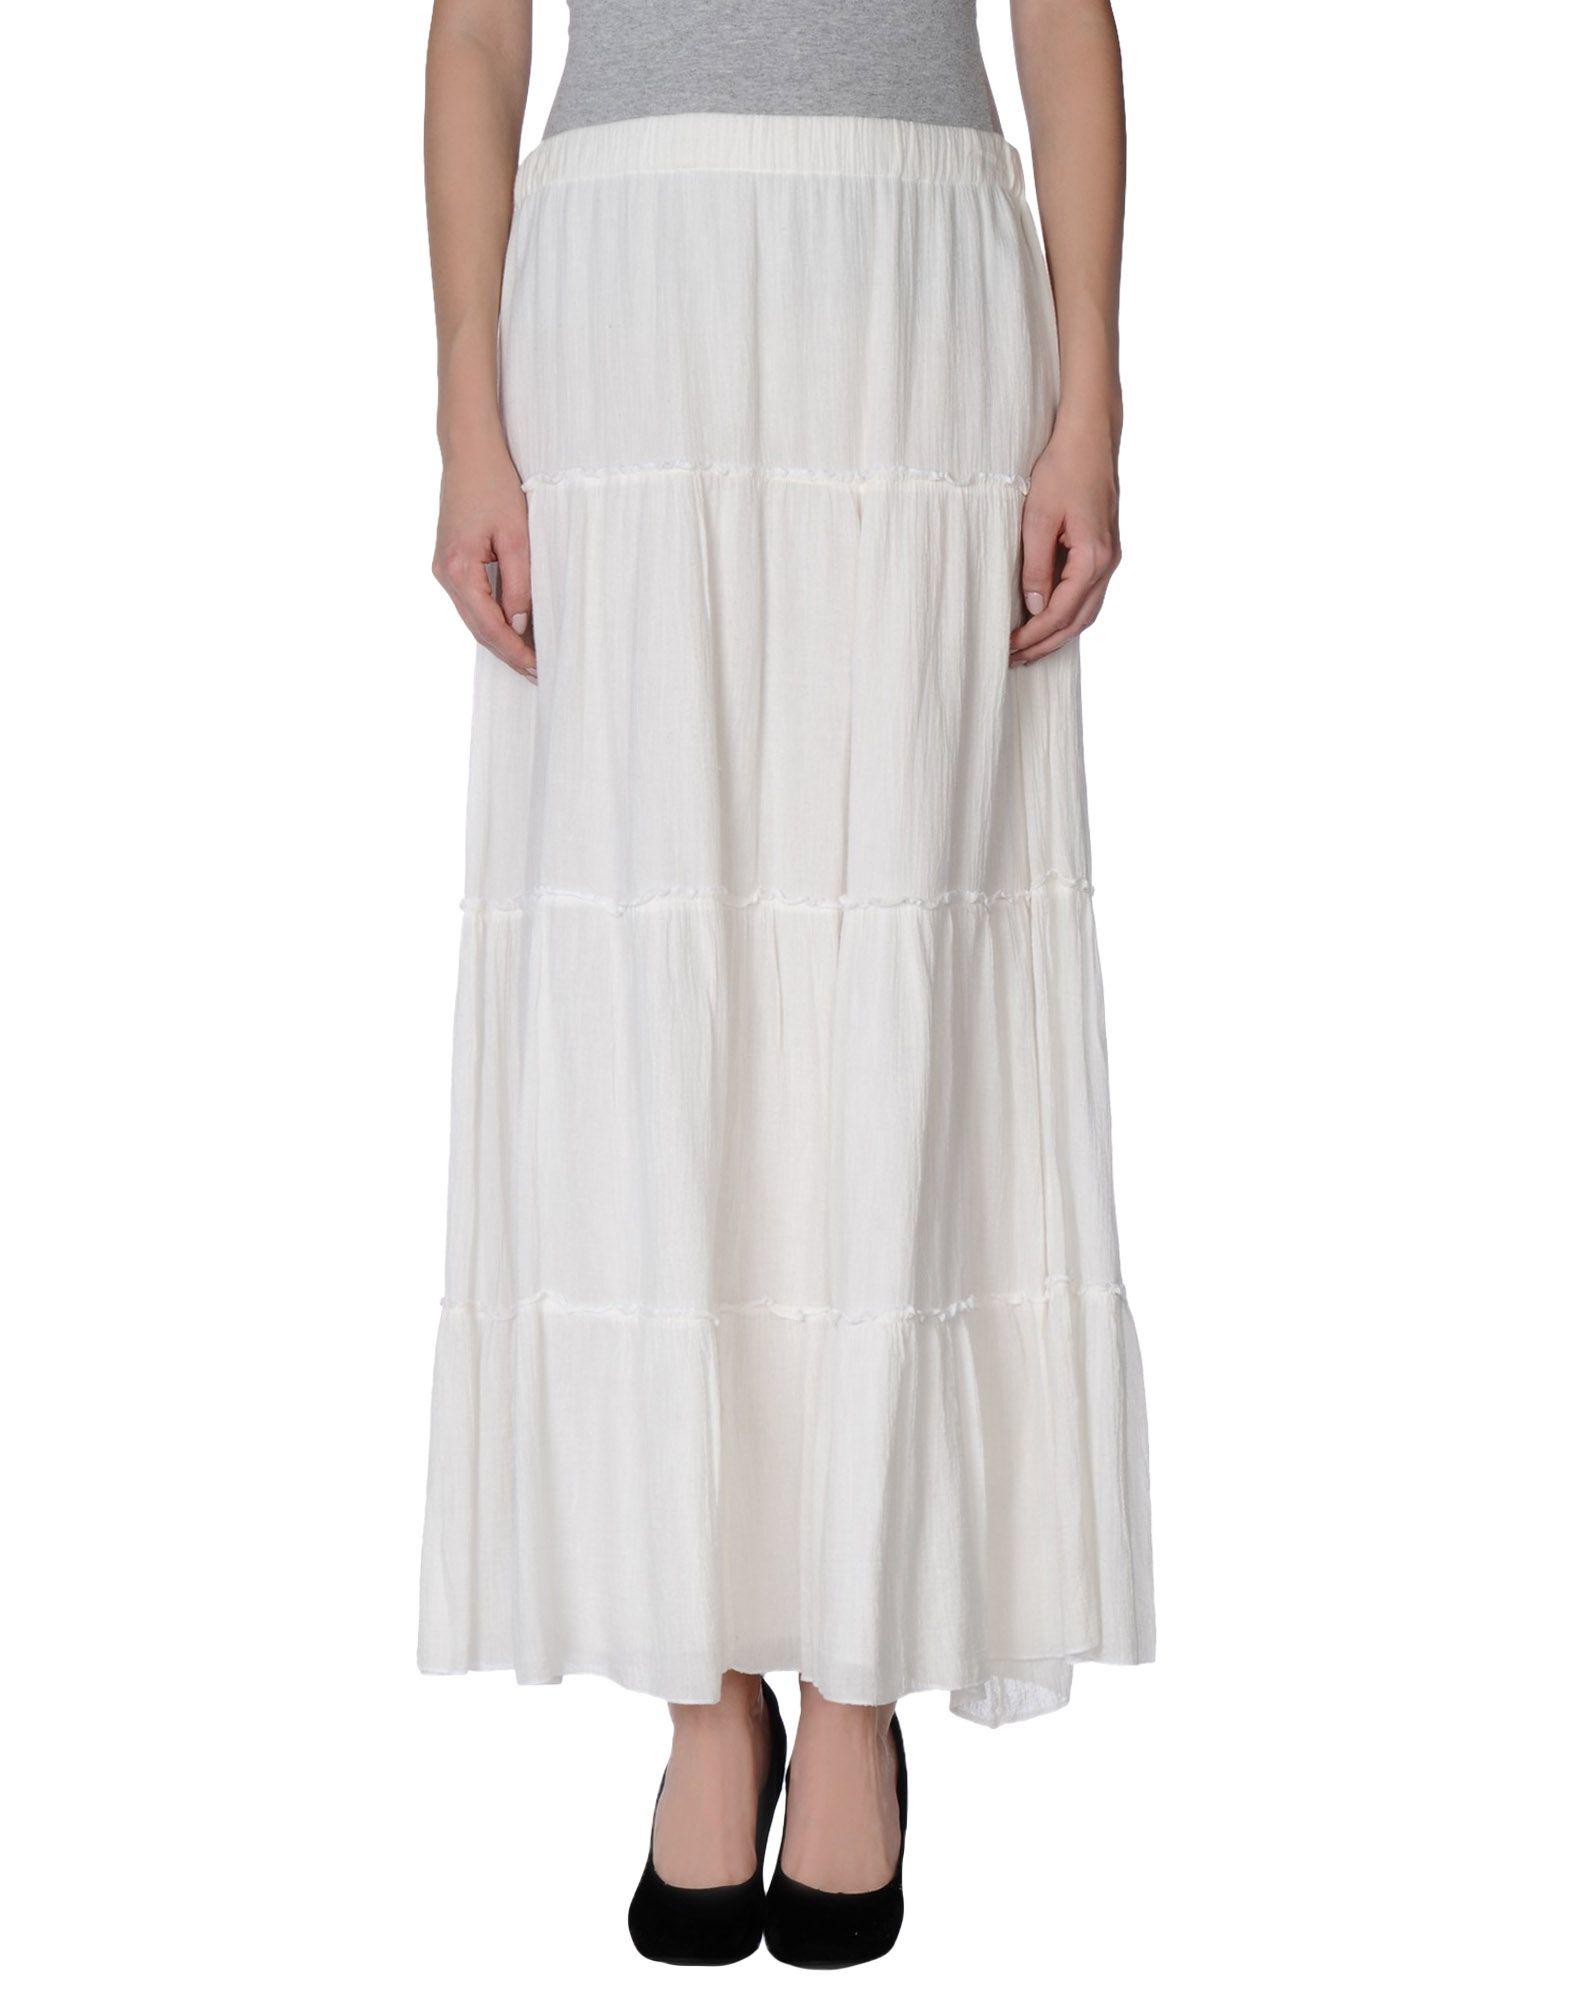 Lyst - Bobi Long Skirt in White